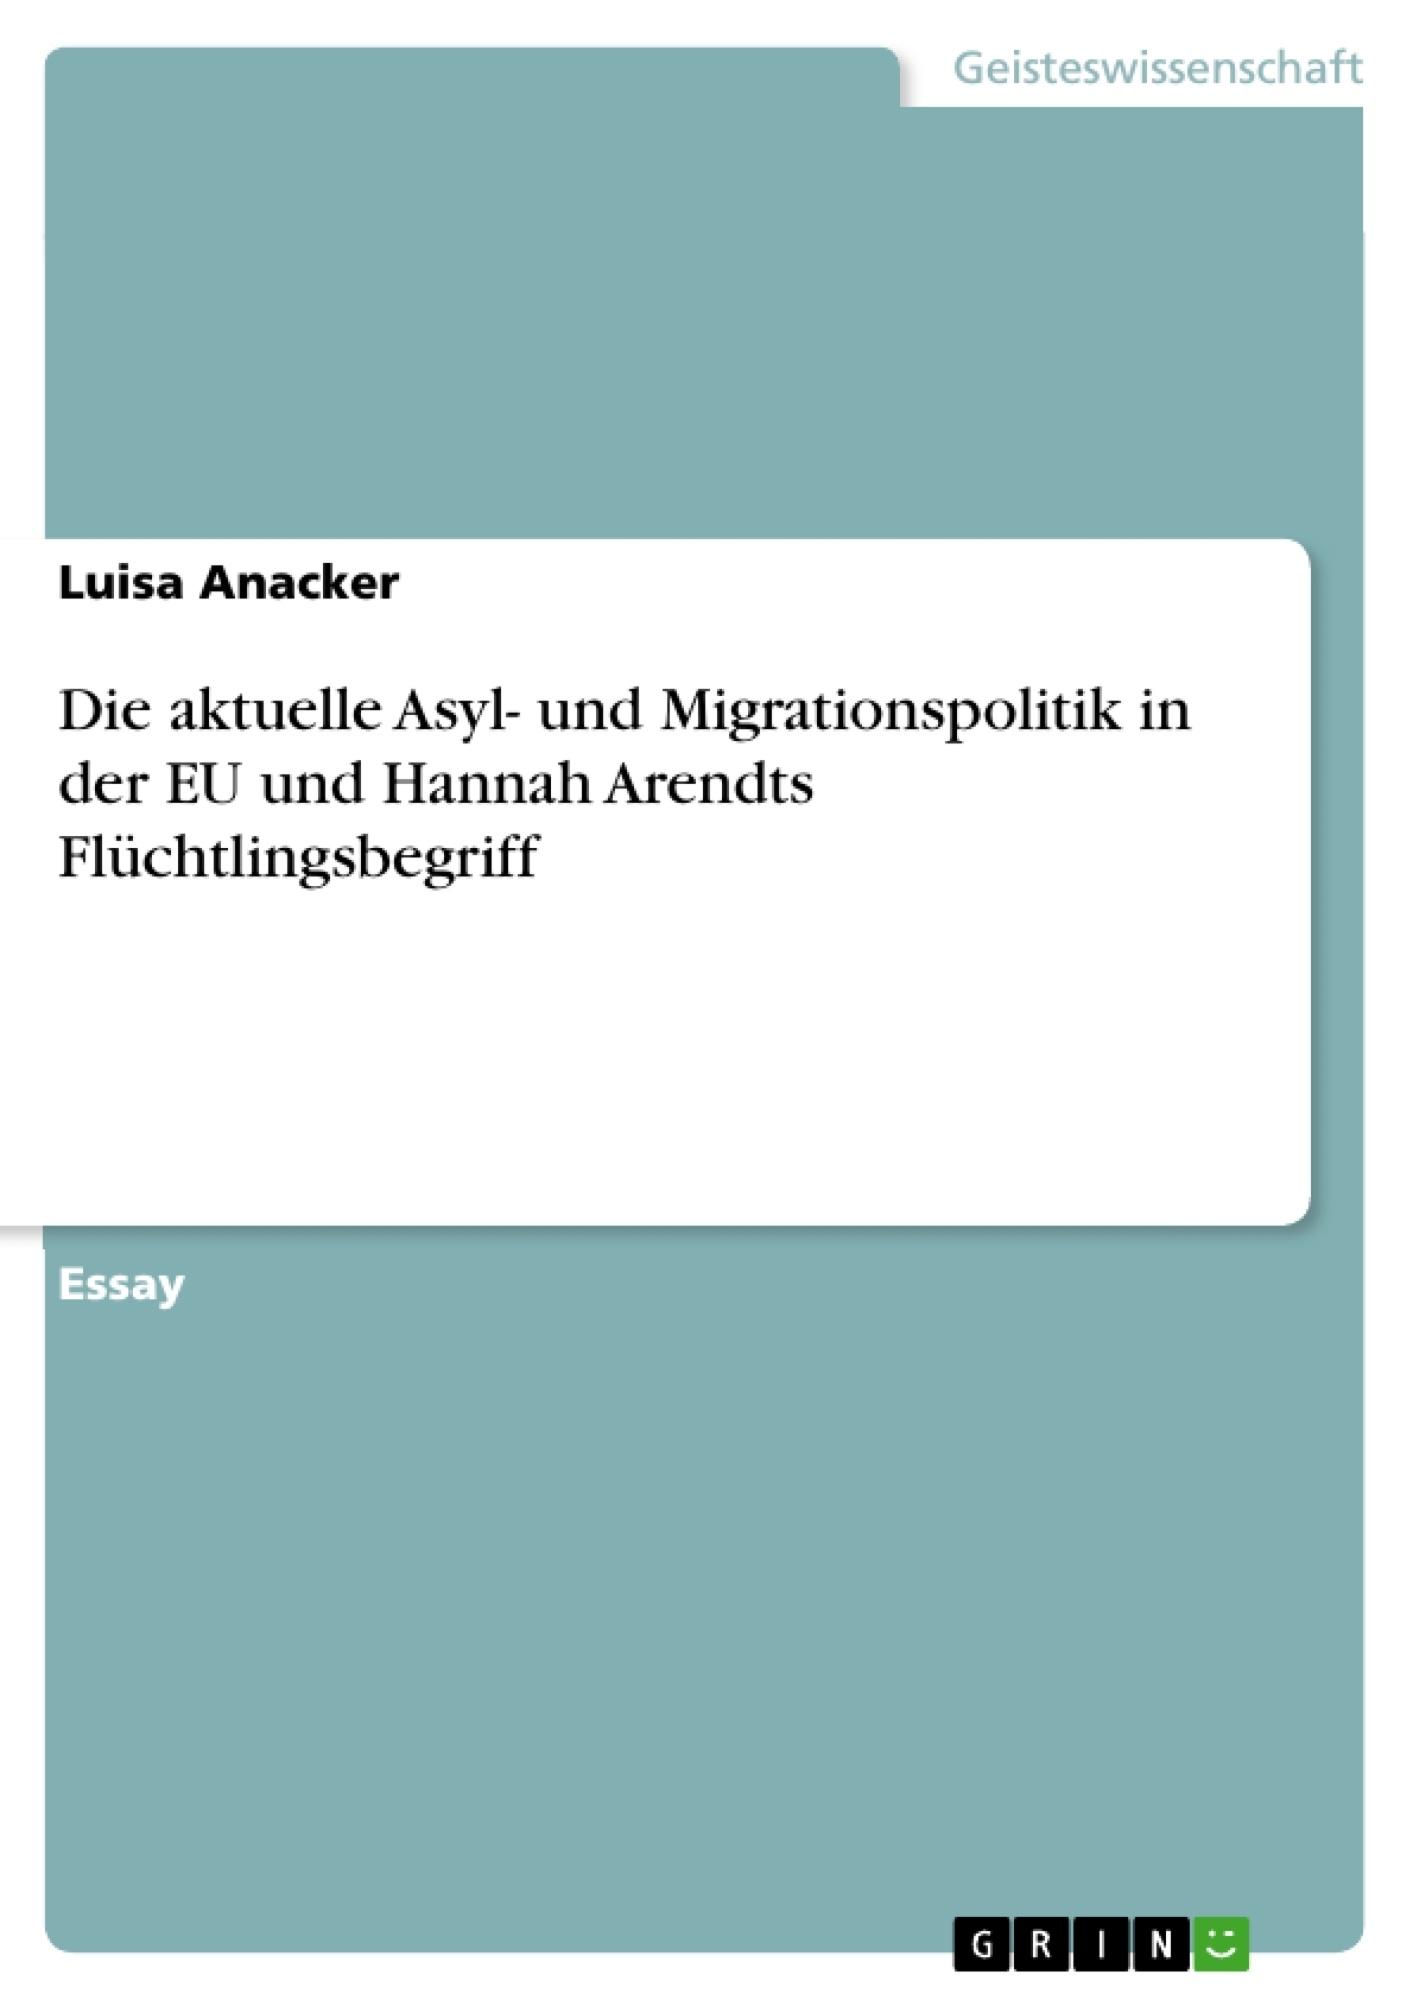 Titel: Die aktuelle Asyl- und Migrationspolitik in der EU und Hannah Arendts Flüchtlingsbegriff